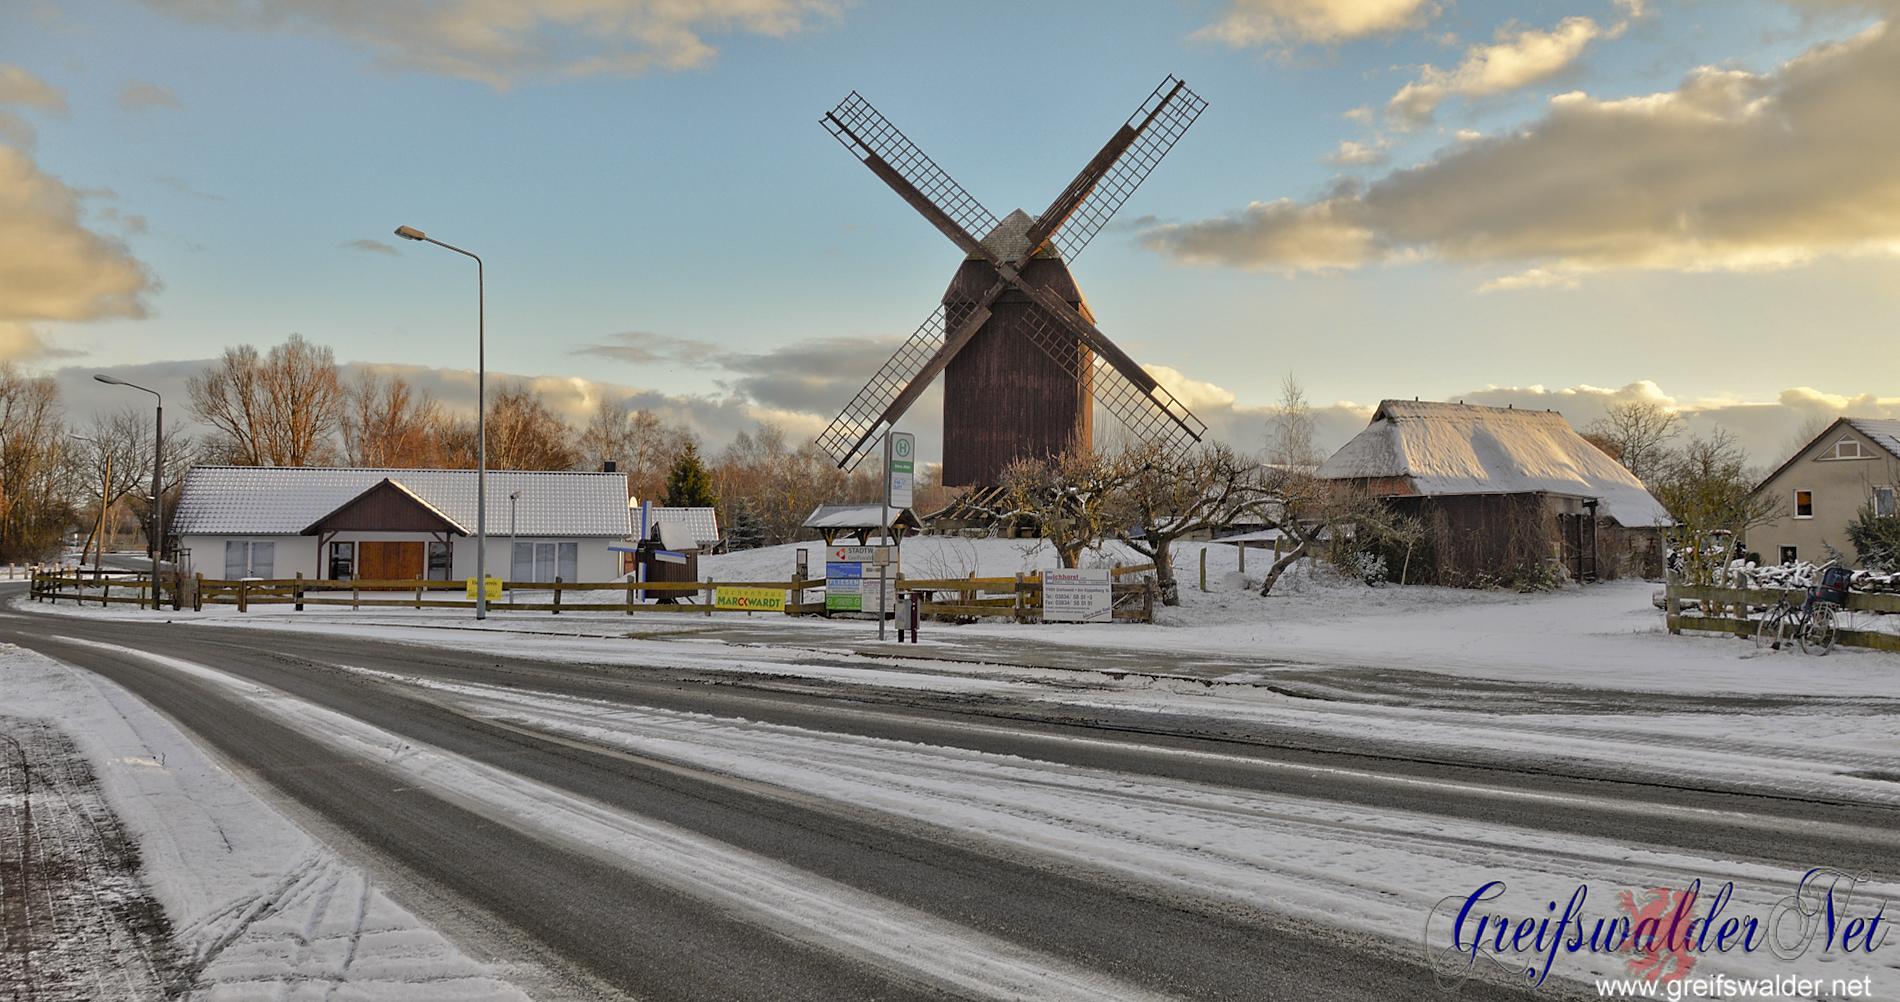 Winter an der Mühle in Greifswald-Eldena